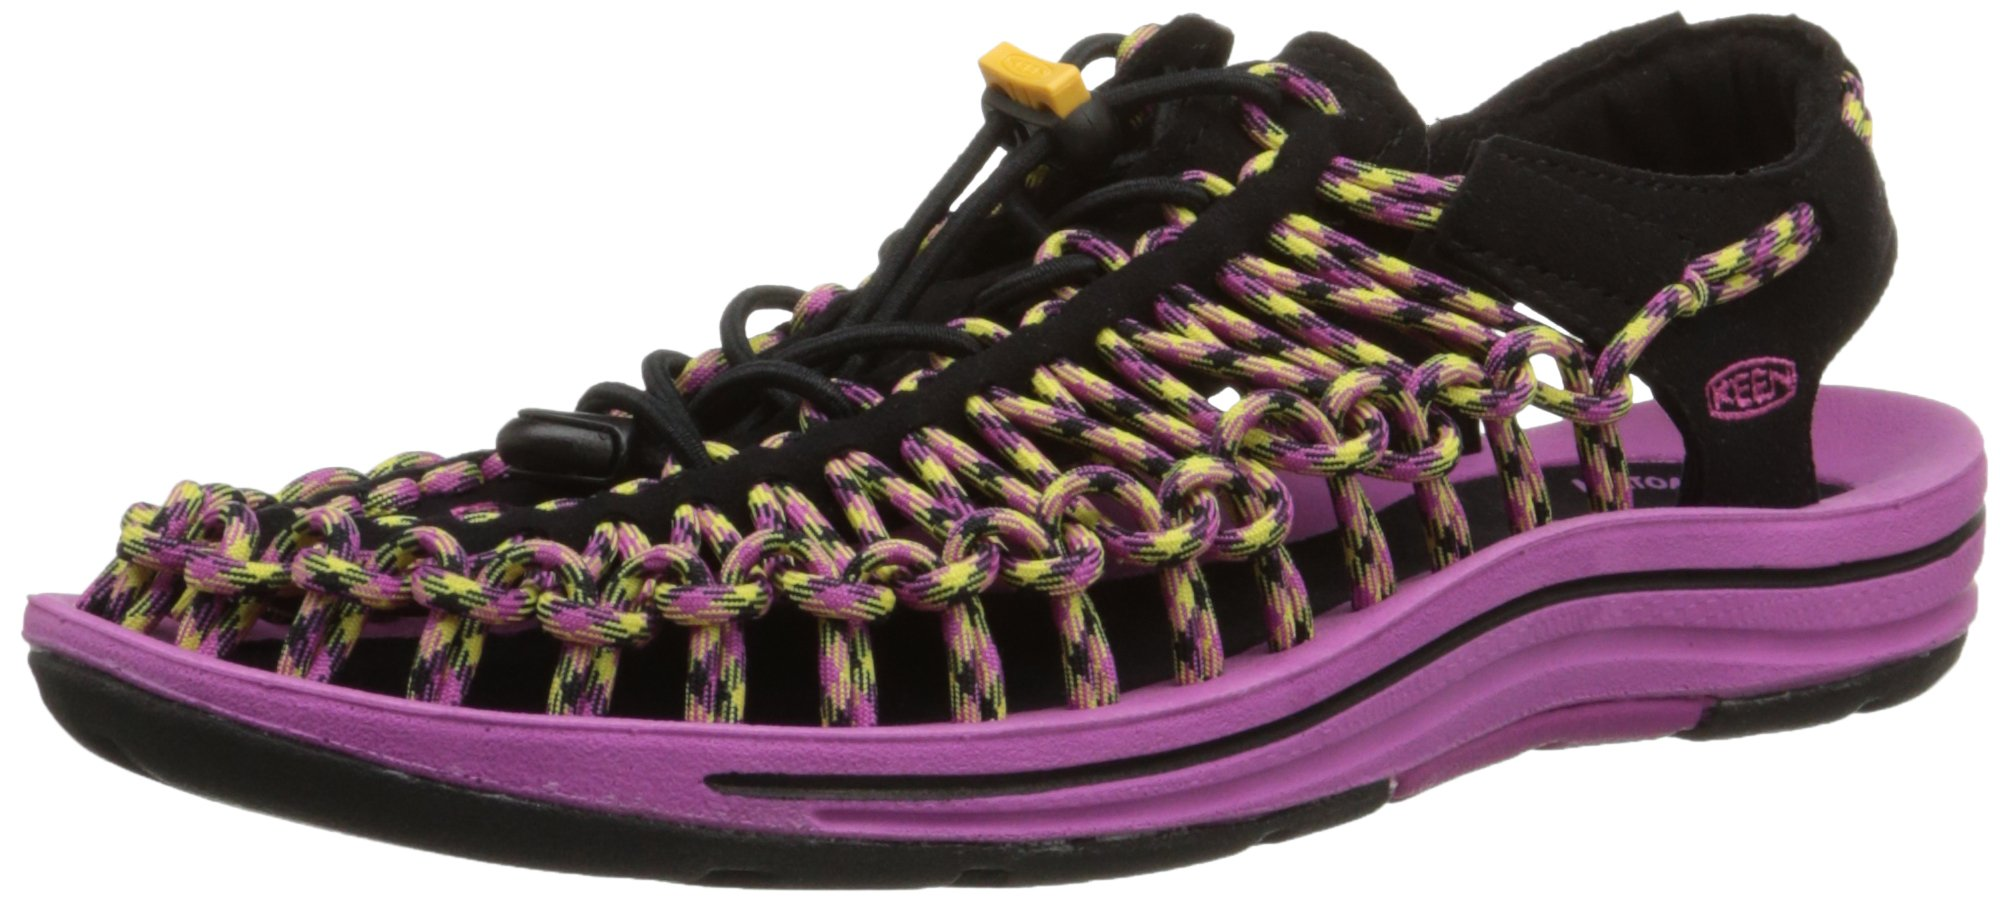 KEEN Women's Uneek Sandal, Dahlia Mauve/Warm Olive, 6 M US